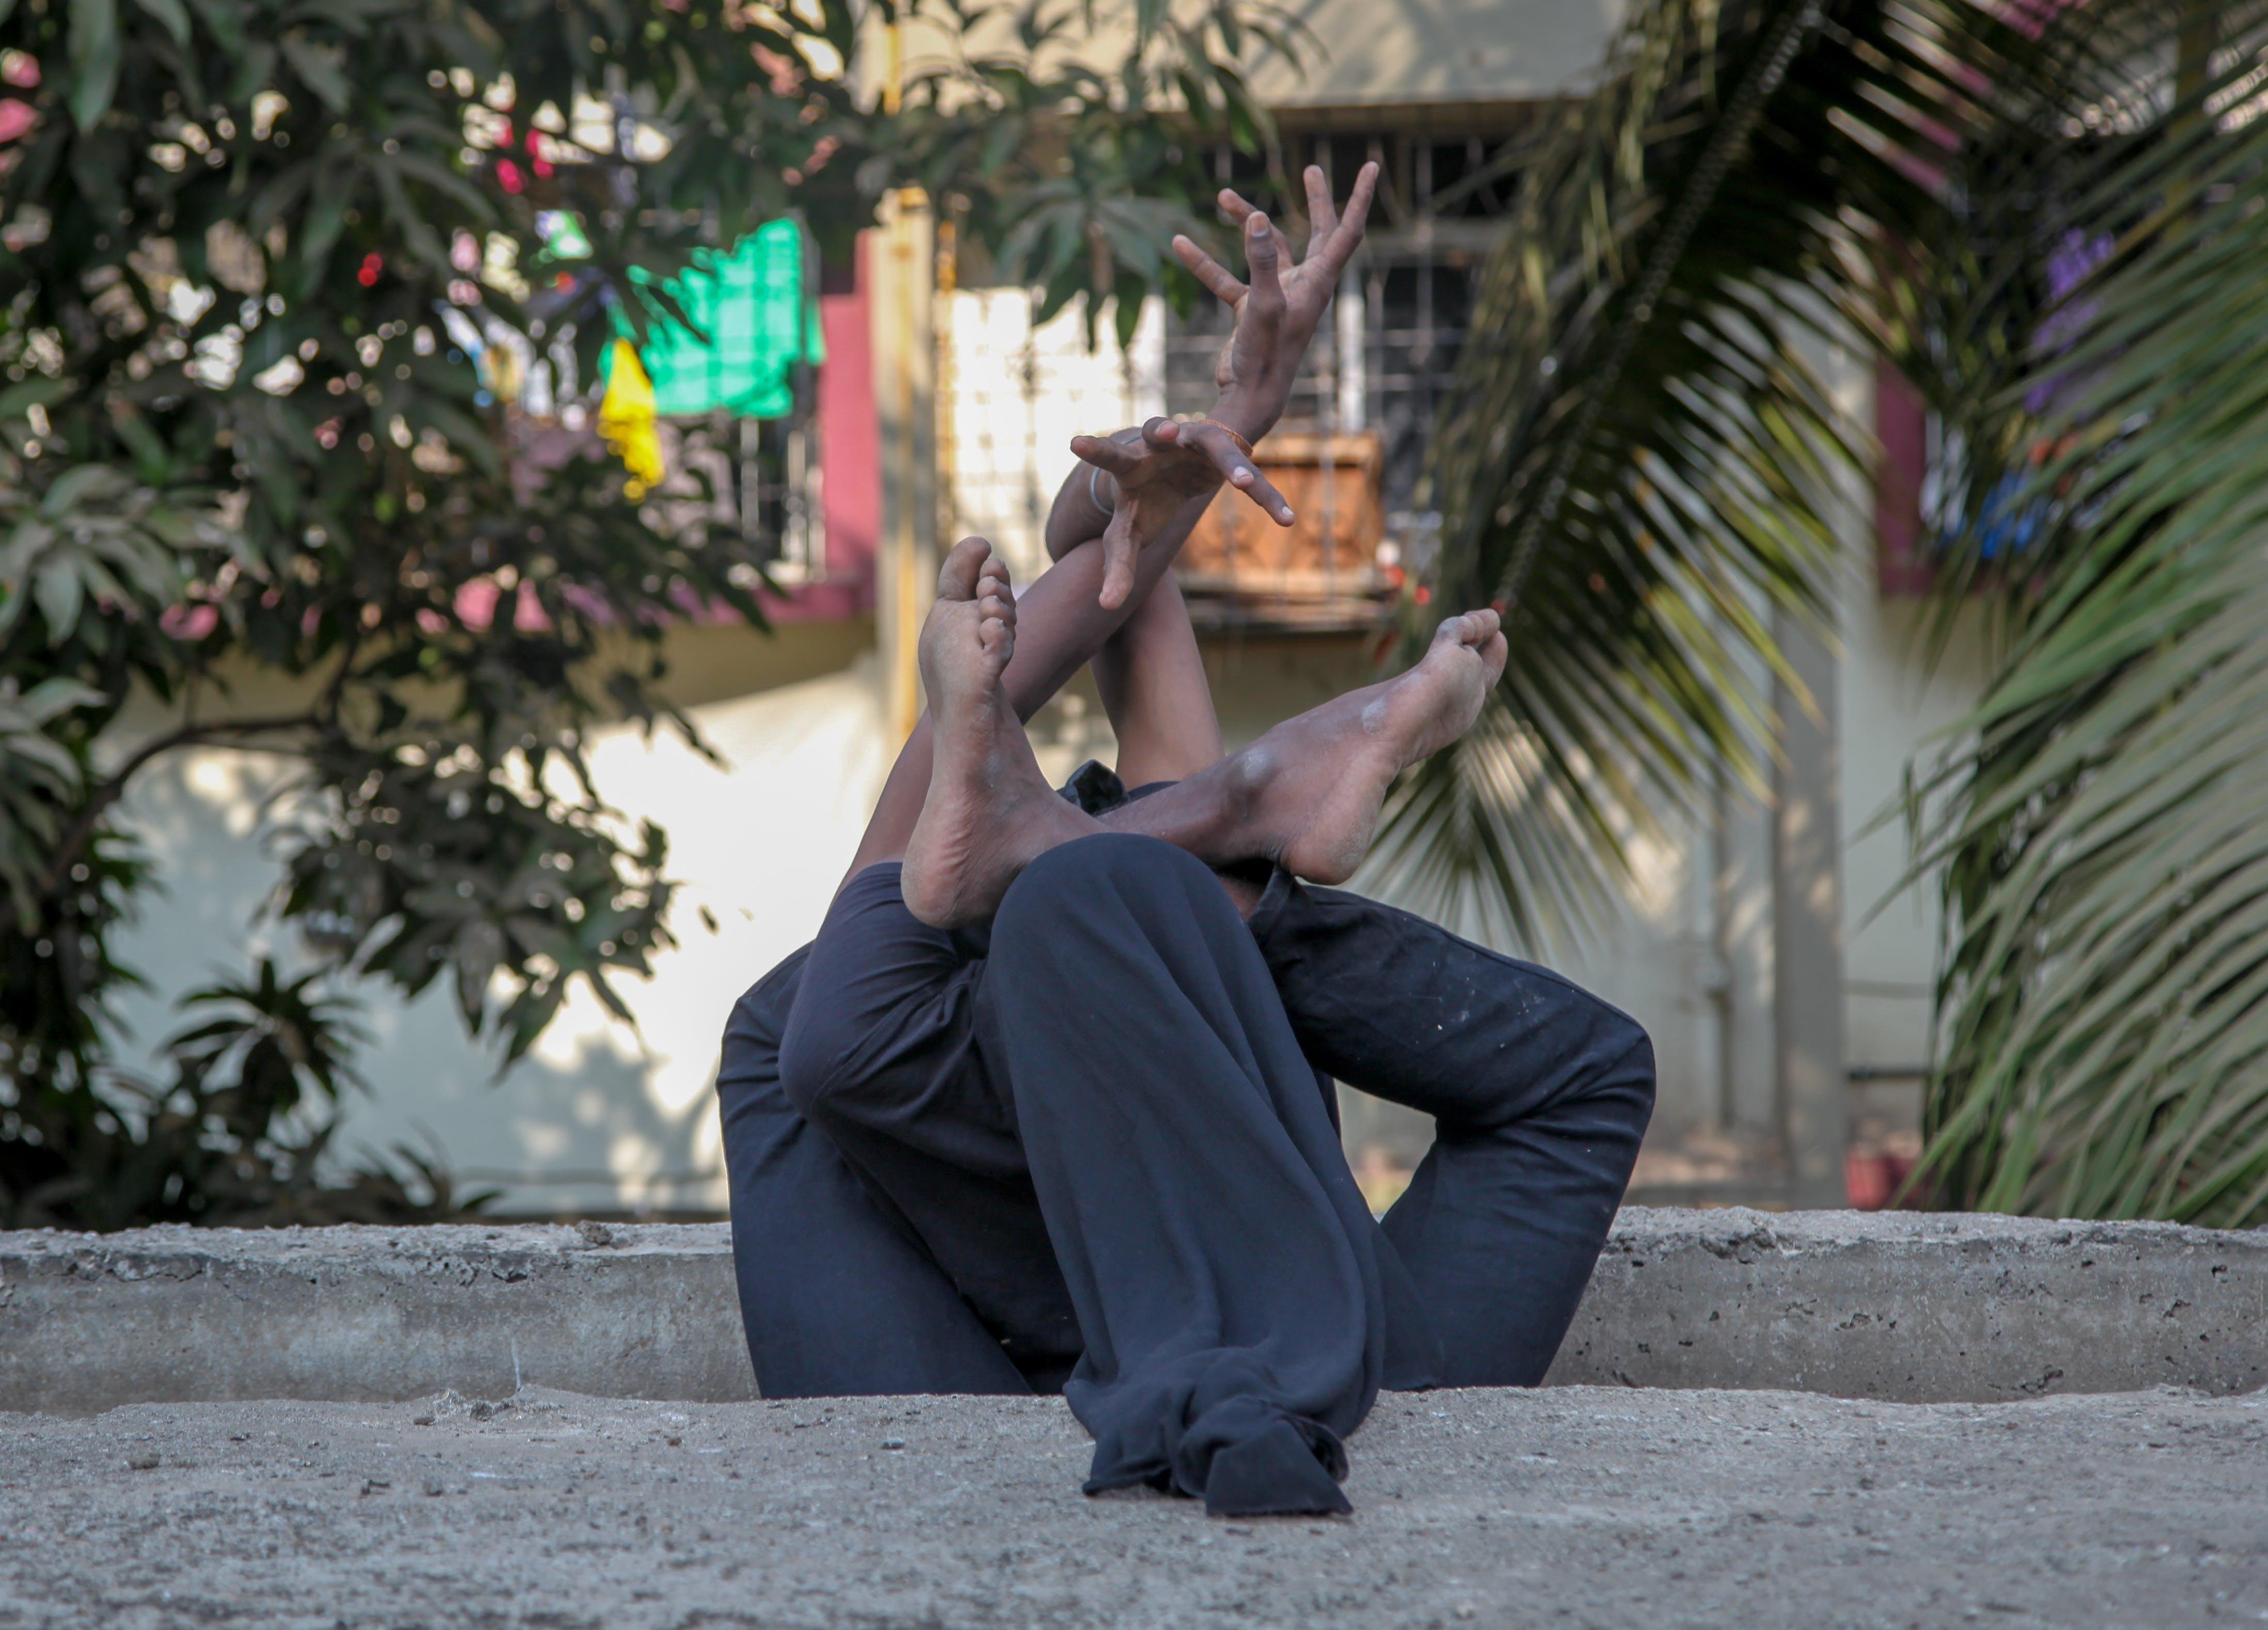 Kostenloses Stock Foto zu flex contortion stärke-bildergalerie